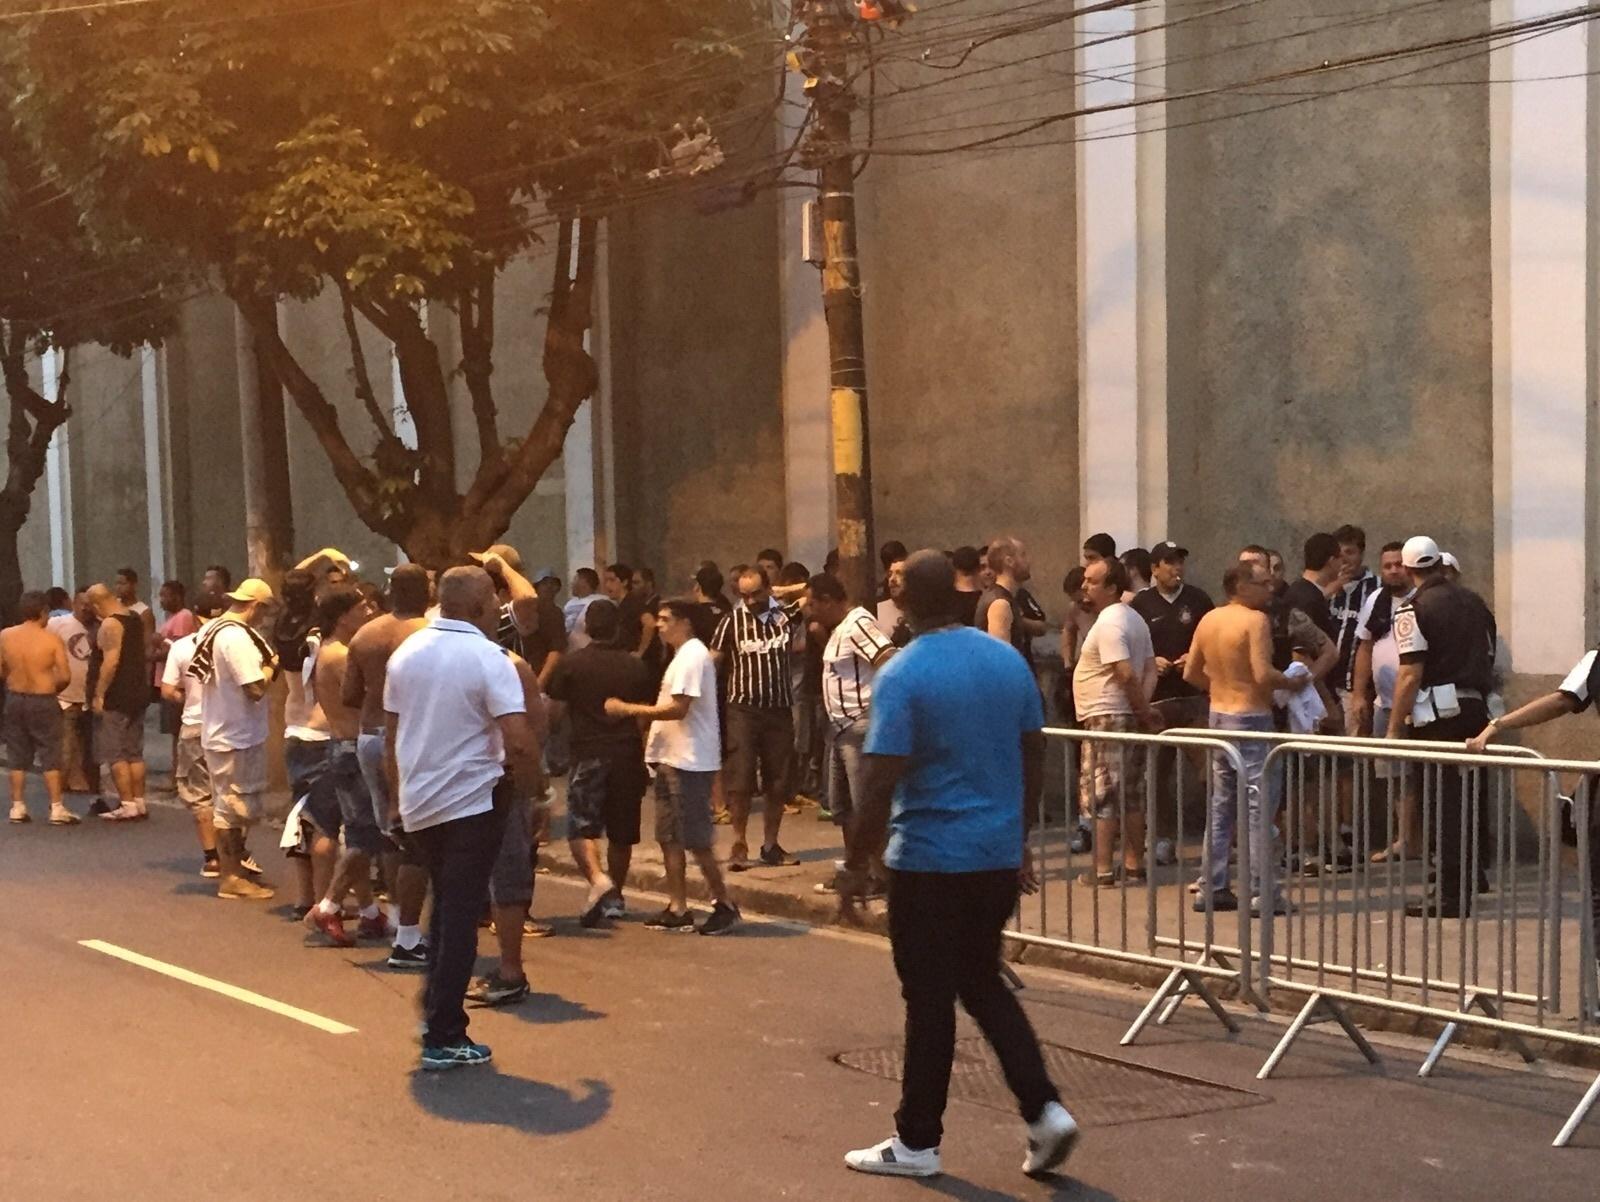 Torcedores do Corinthians na entrada de visitantes de São Januário